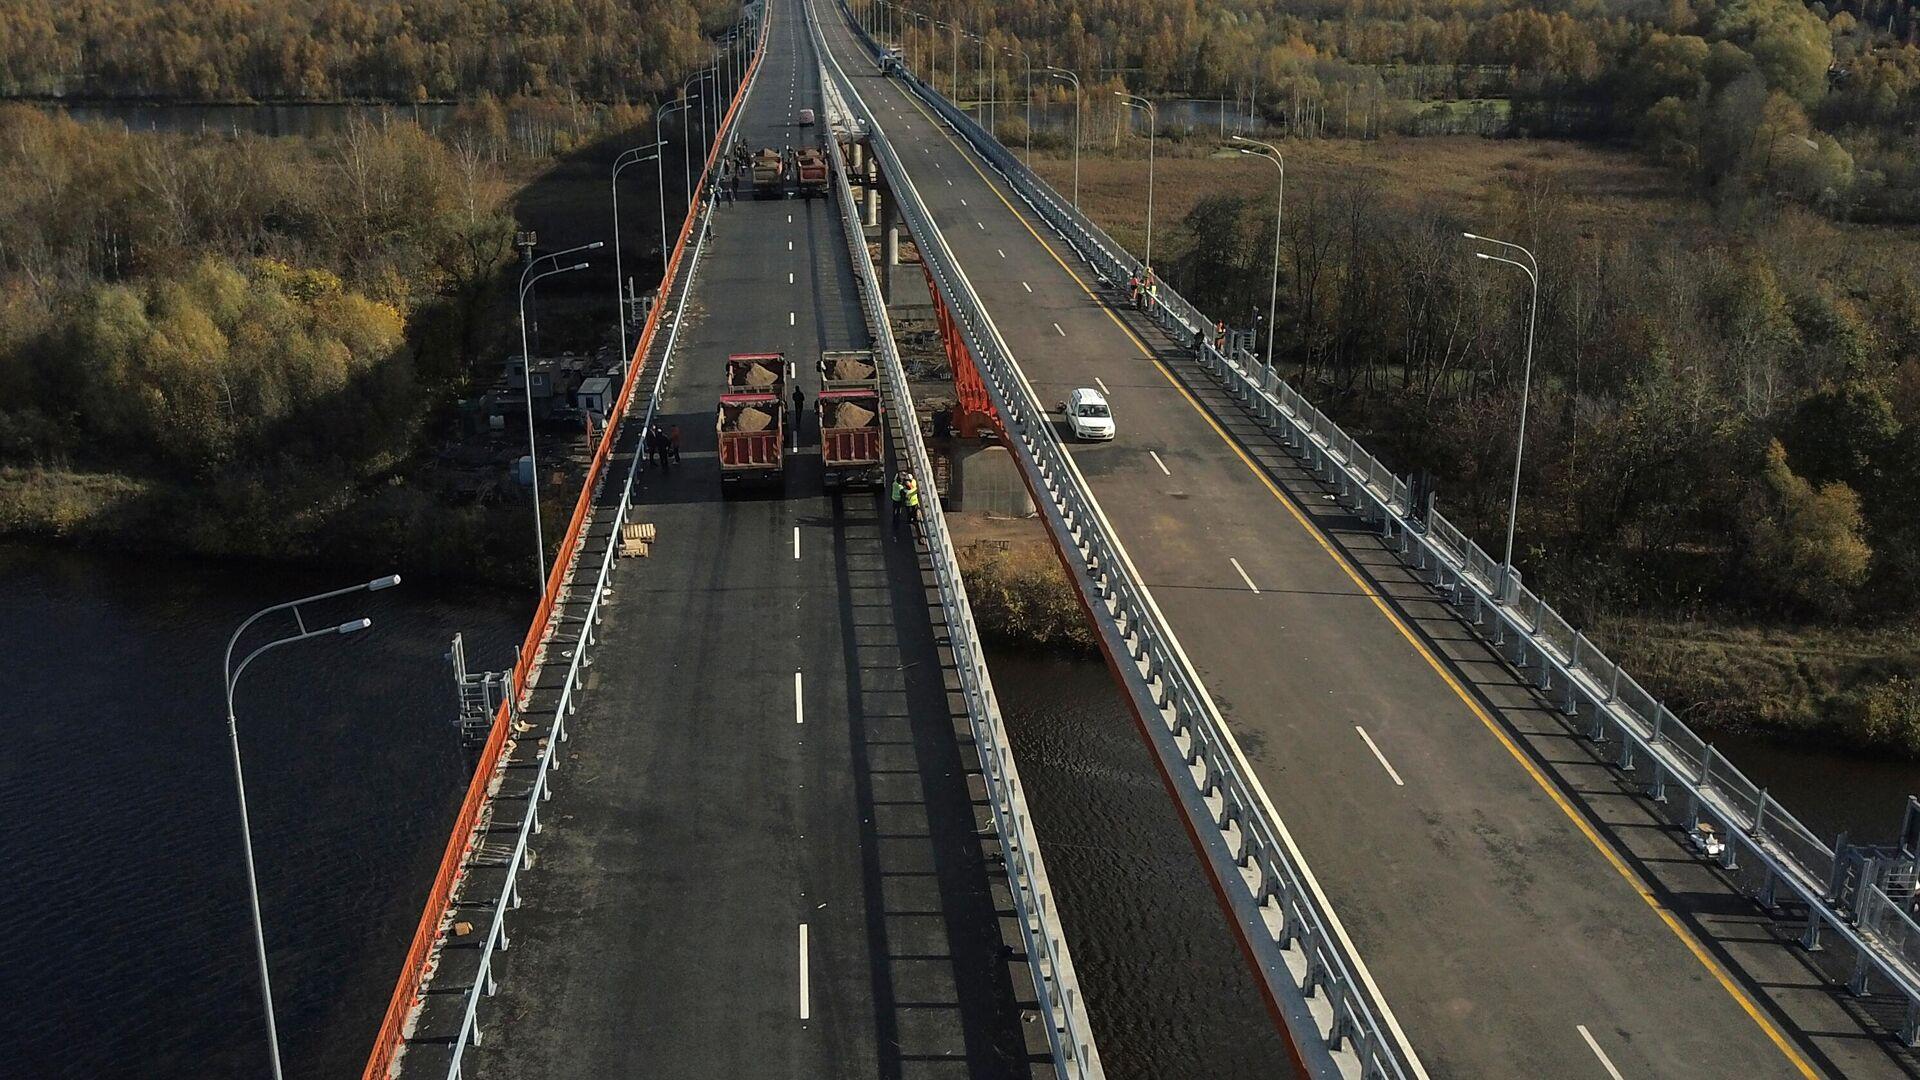 Демонстрация испытаний крупных мостов на прочность на ЦКАД-3 - РИА Новости, 1920, 24.12.2020